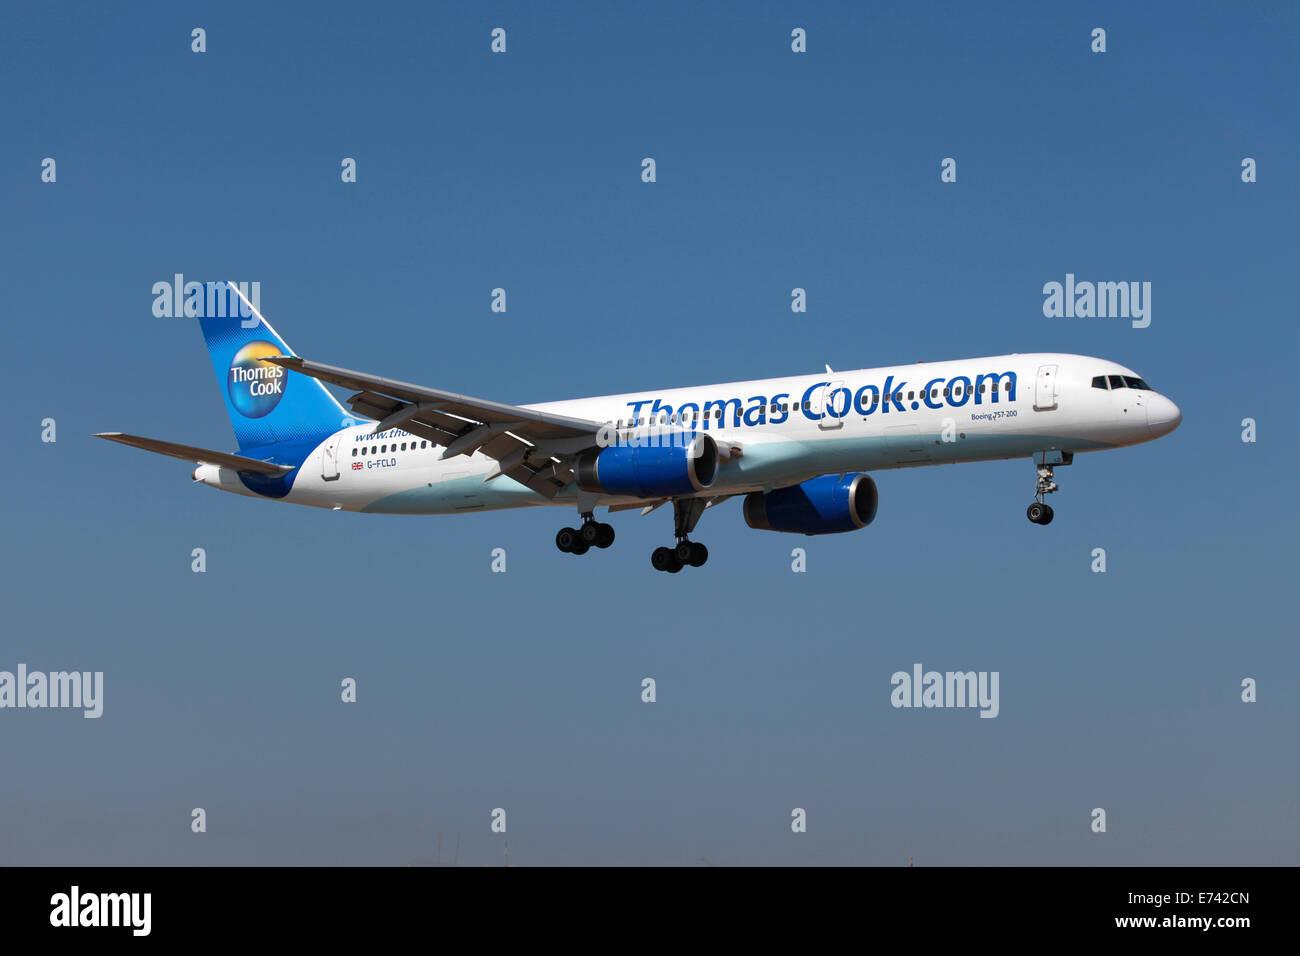 Insel Lanzarote, Spanien - 9. Oktober 2011: A Thomas Cook Airlines Boeing 757-200 mit der Registrierung G-FCLD nähert Stockbild